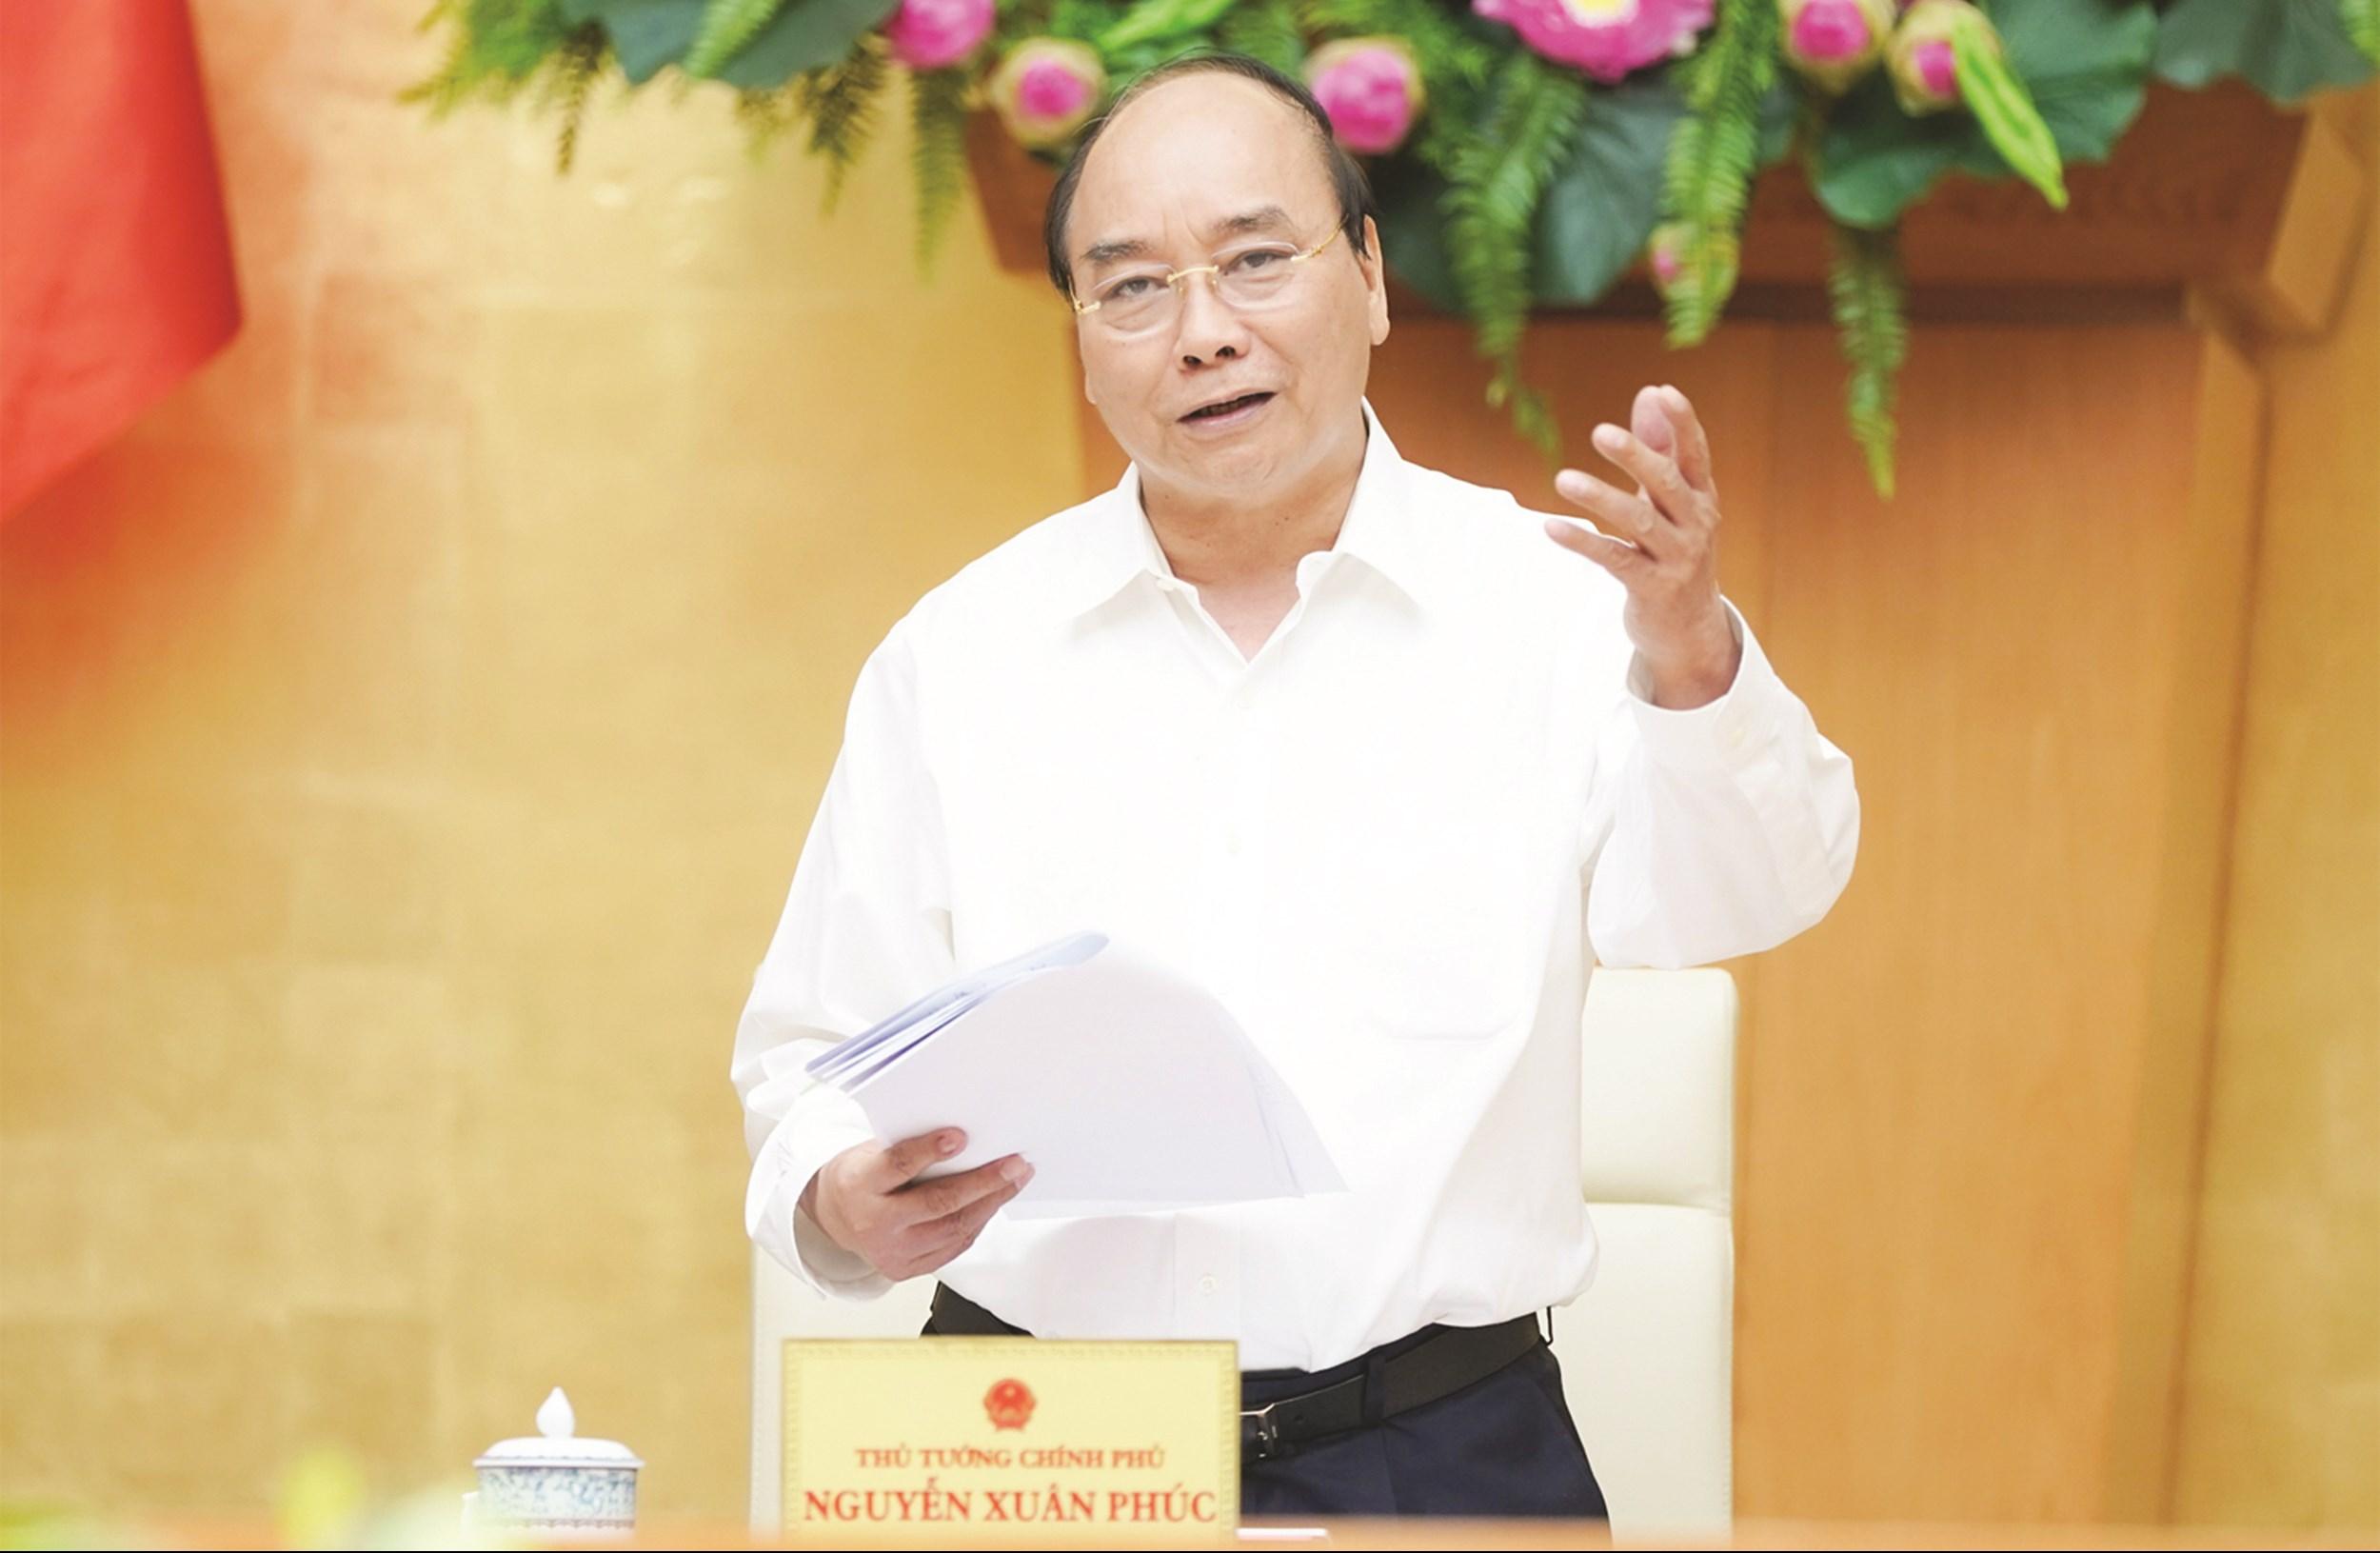 Thủ tướng Chính phủ Nguyễn Xuân Phúc phát biểu tại buổi làm việc